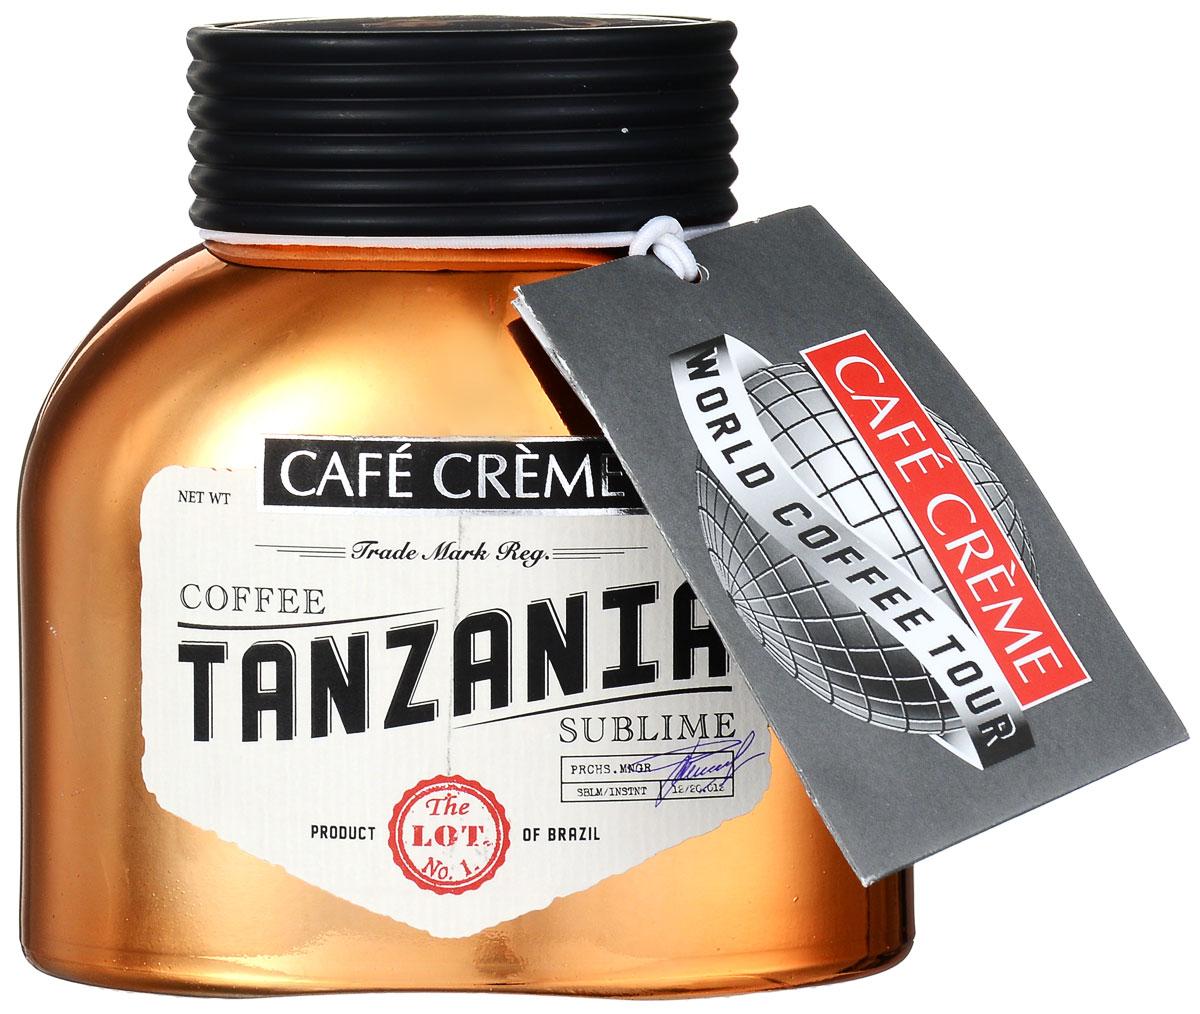 Cafe Creme Tanzania кофе растворимый, 100 г4607141337017Cafe Creme Tanzania – изысканный напиток, созданный из ценнейших сортов бразильской арабики. Этот натуральный растворимый сублимированный кофе из элитных сортов танзанийской арабики, которые выращиваются и собираются на склонах вулкана Килиманджаро. Напиток обладает полным, глубоким вкусом с пикантной кислинкой и легкой фруктовой нотой и крепким ароматом.